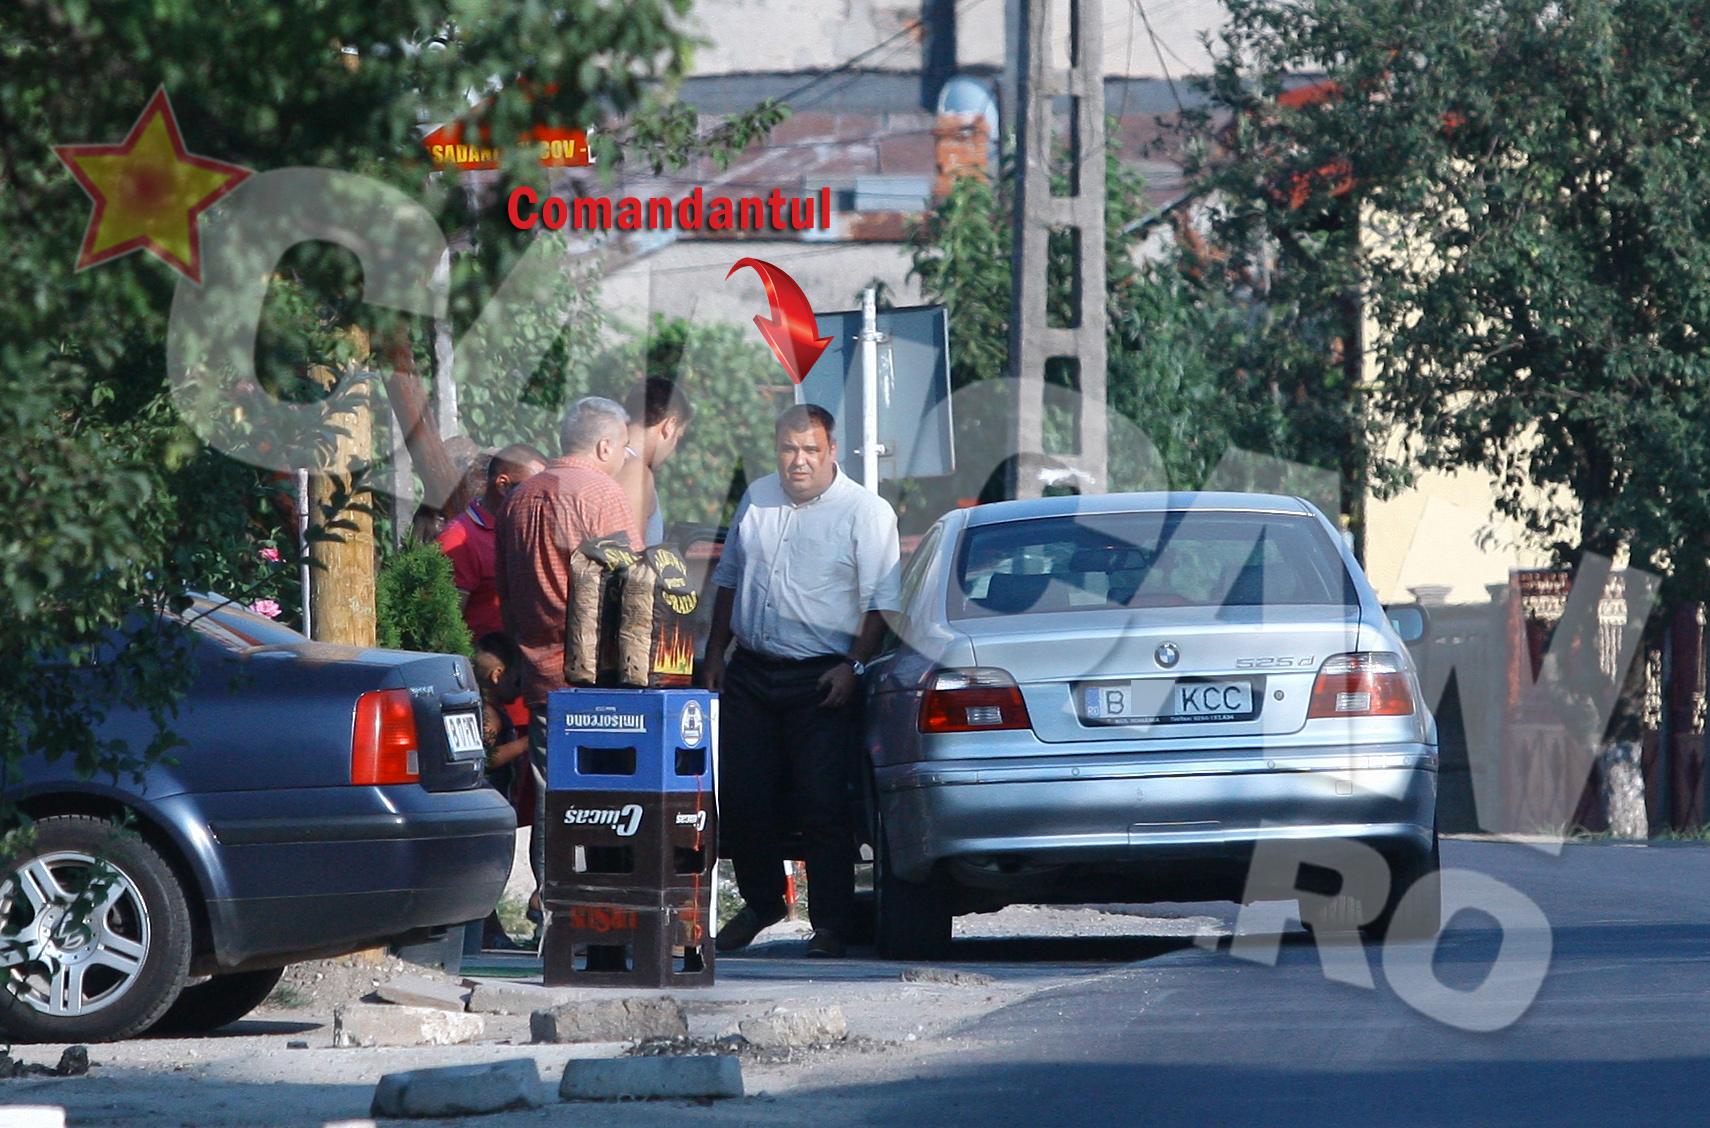 Cand se intoarce la la puscaria Jilava, in drum spre casa, comandantul se opreste sa-si vada amicii care beau la o carciuma, in comuna Magurele